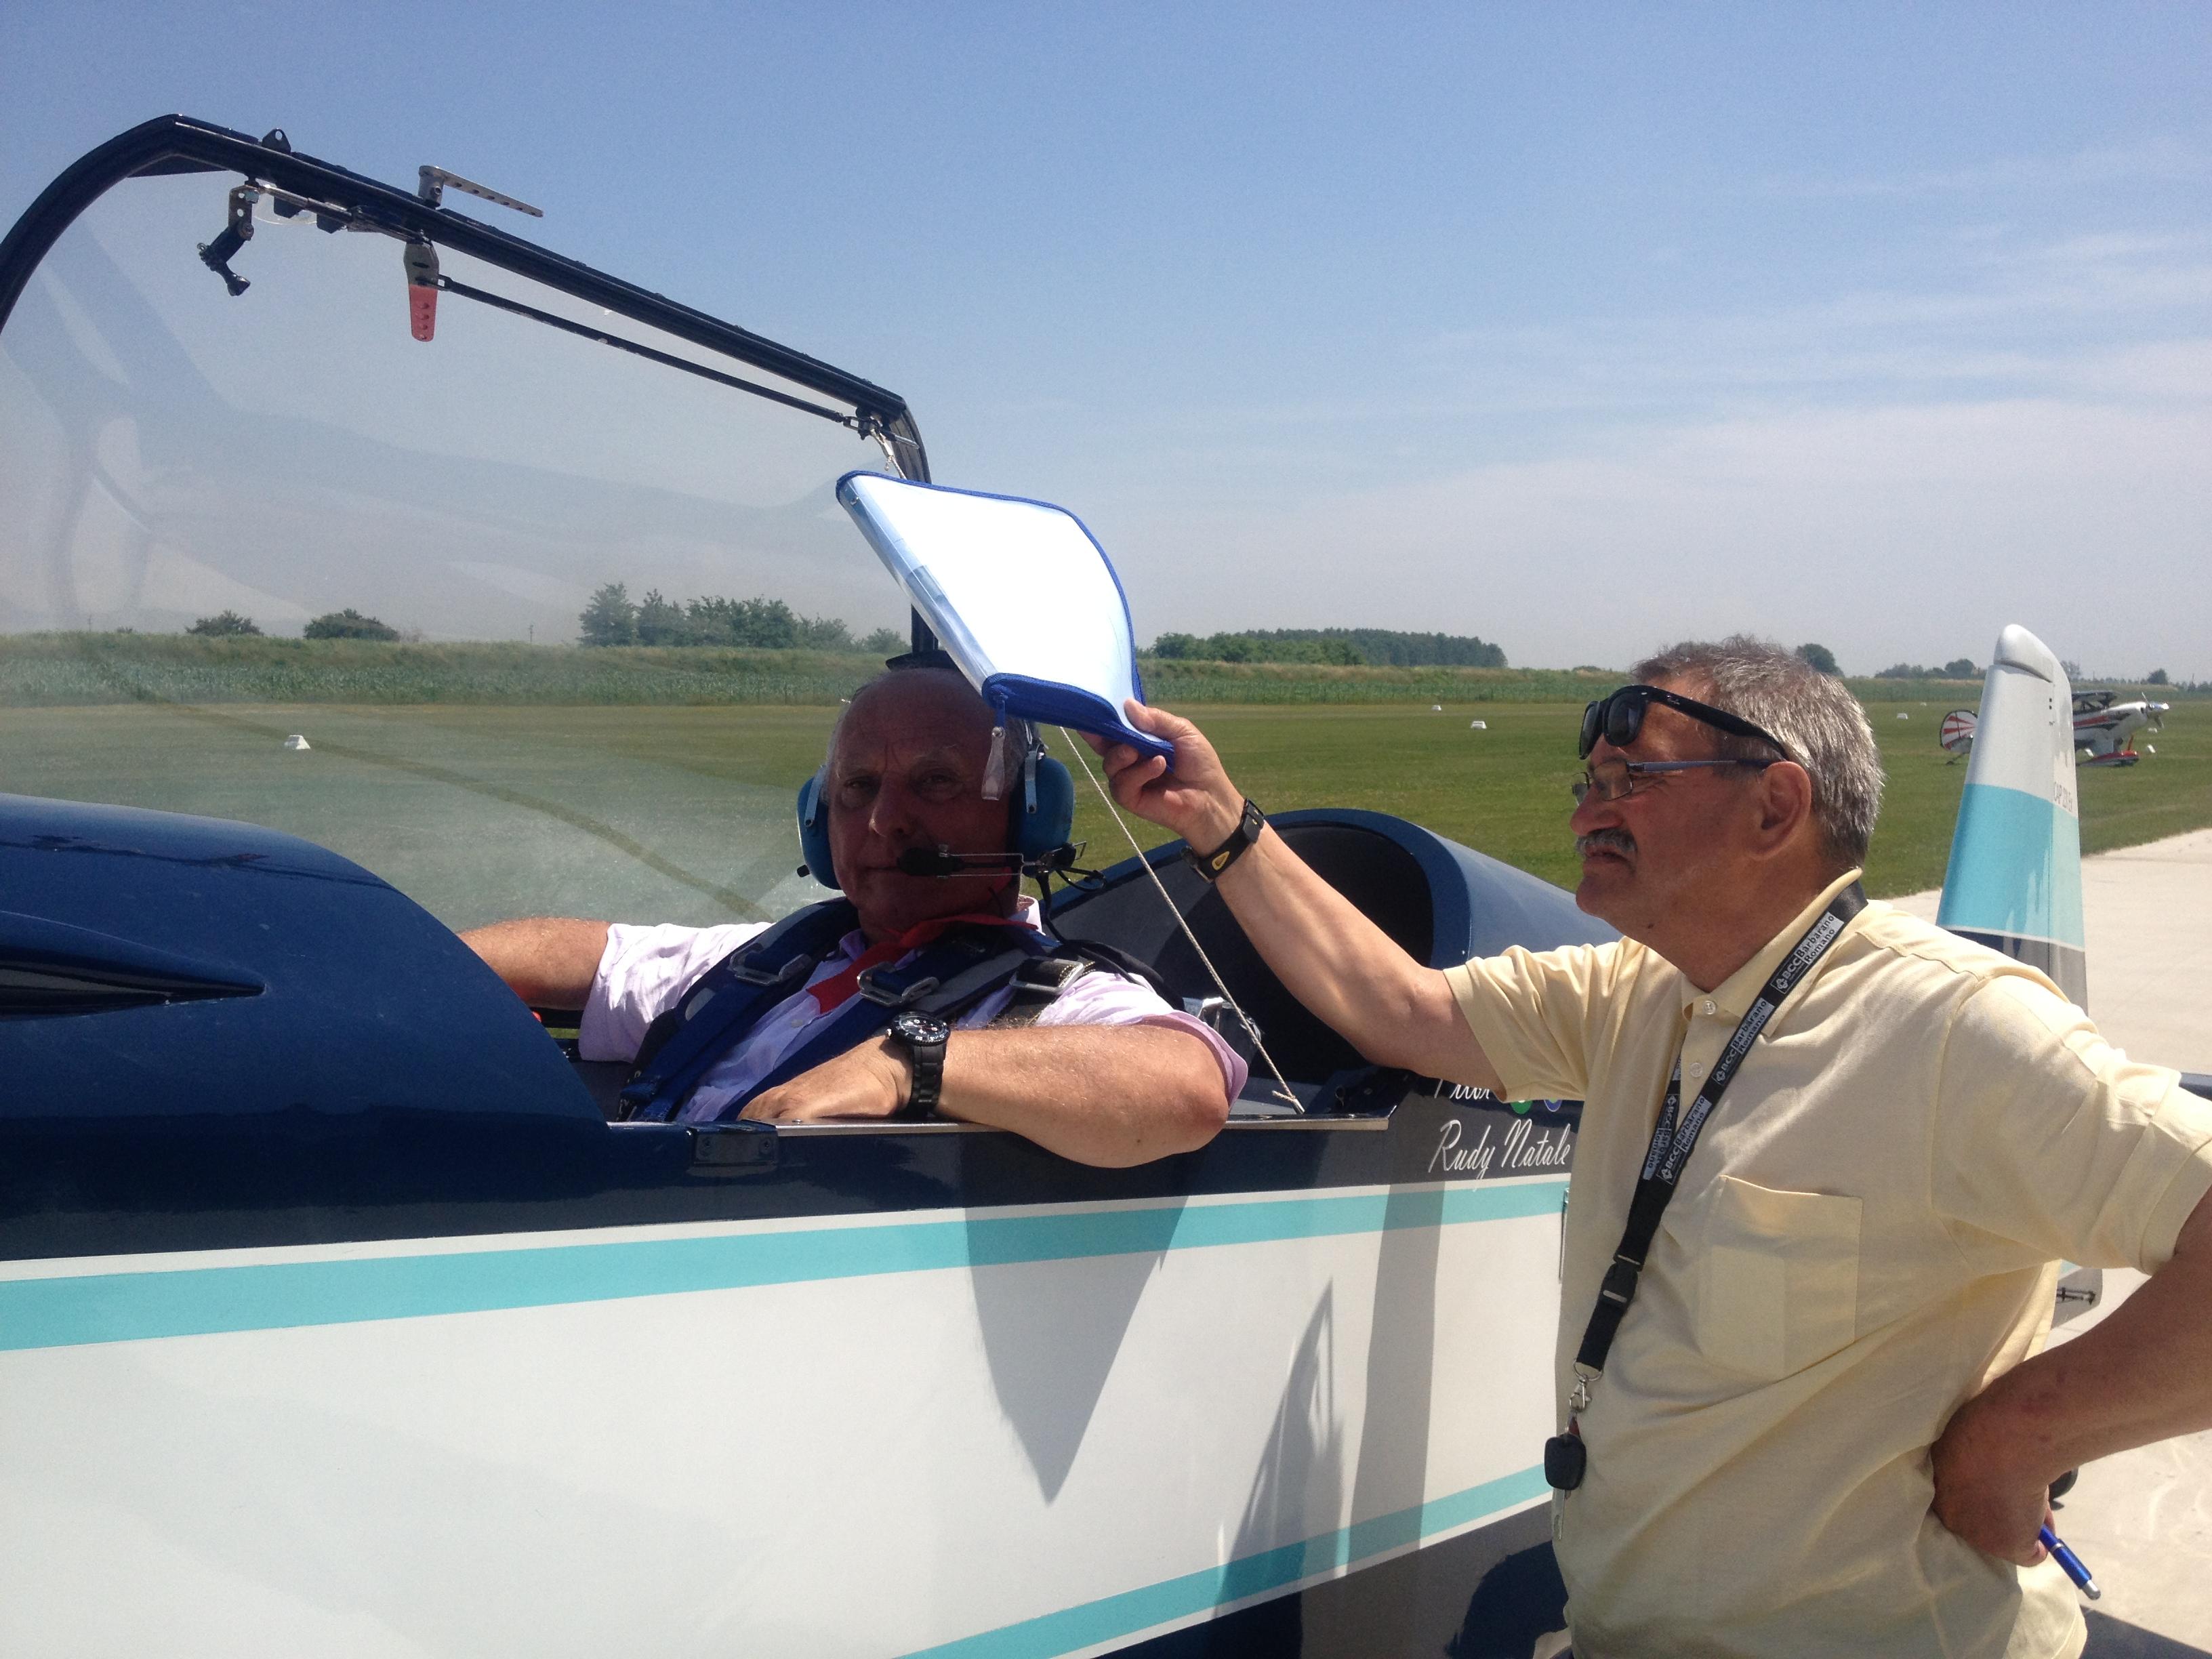 Gianfranco Cillario su CAP 231EX